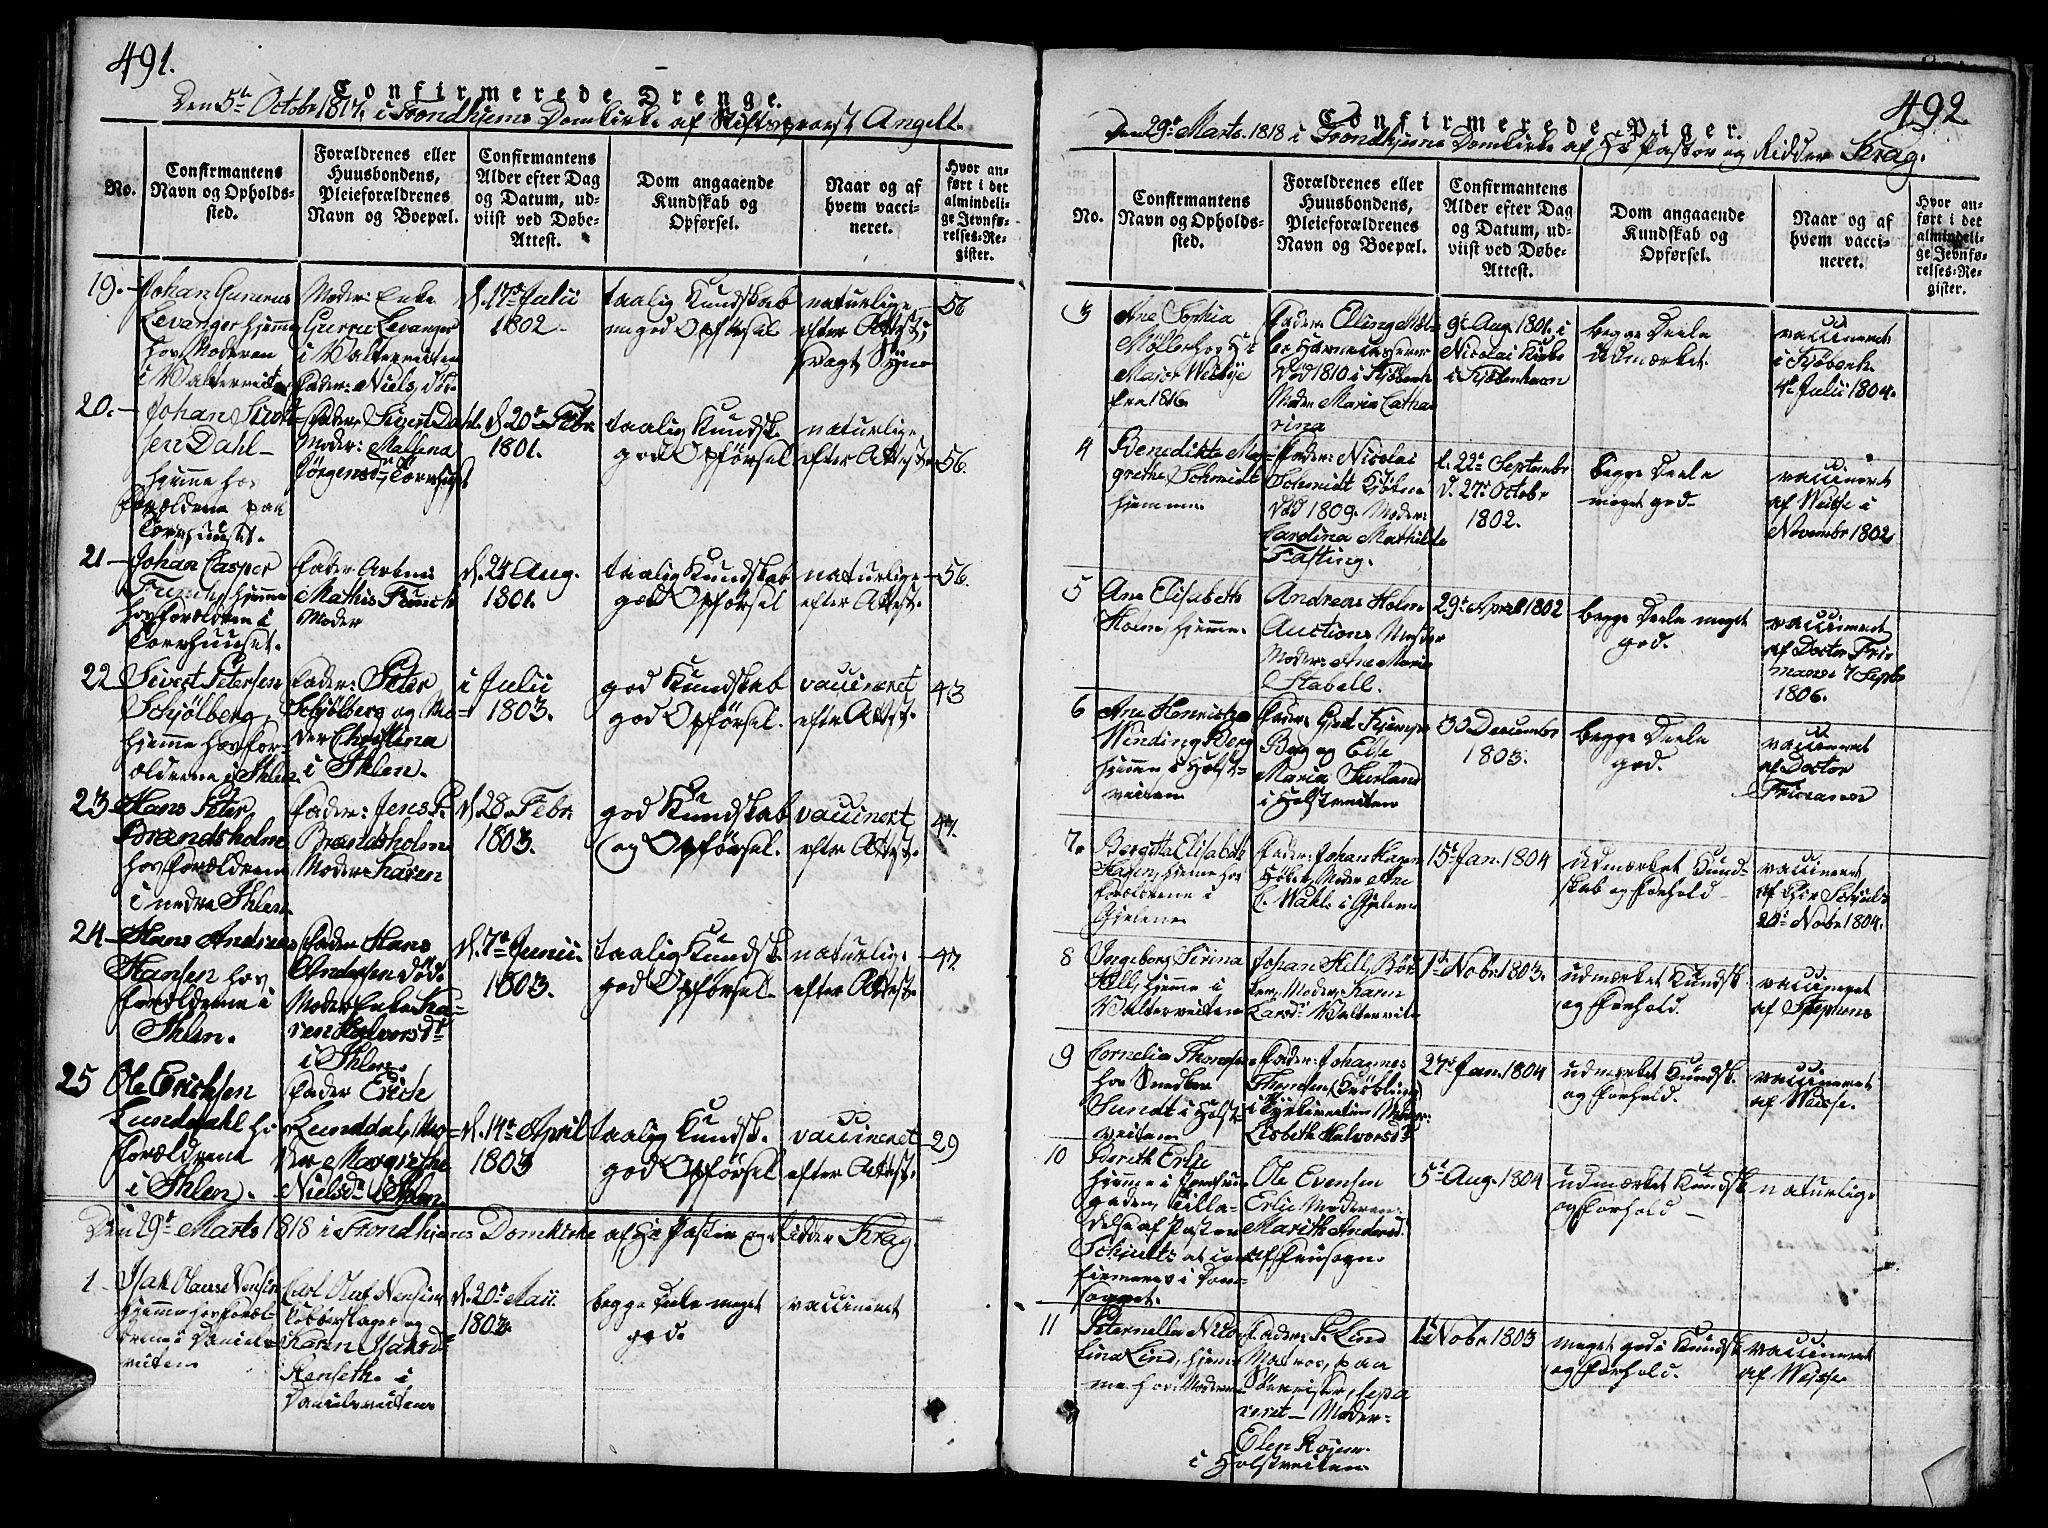 SAT, Ministerialprotokoller, klokkerbøker og fødselsregistre - Sør-Trøndelag, 601/L0043: Ministerialbok nr. 601A11, 1815-1821, s. 491-492